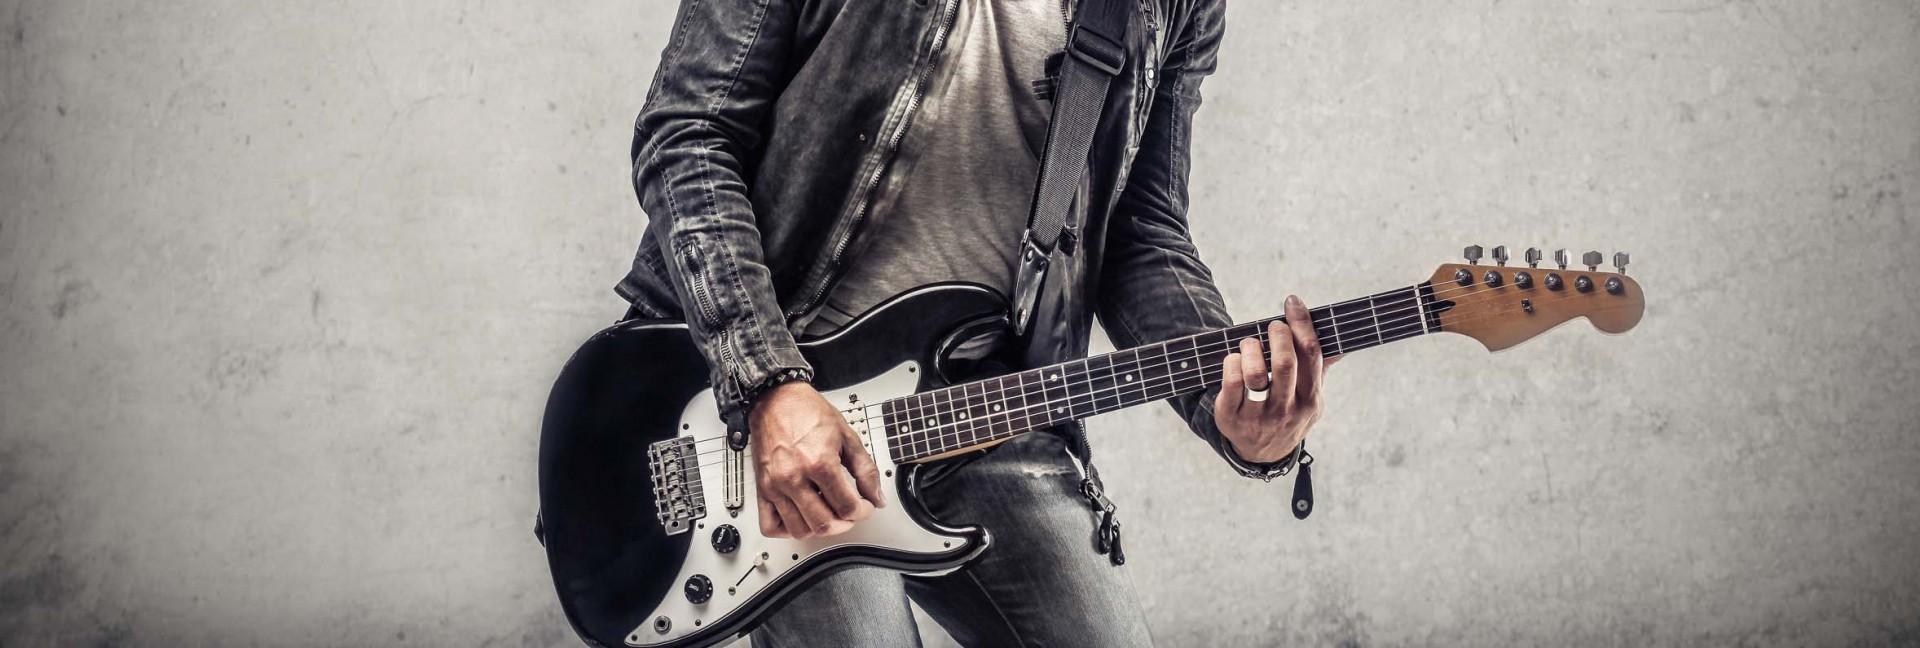 E-Gitarrist_Fotolia_58005759_L.jpg